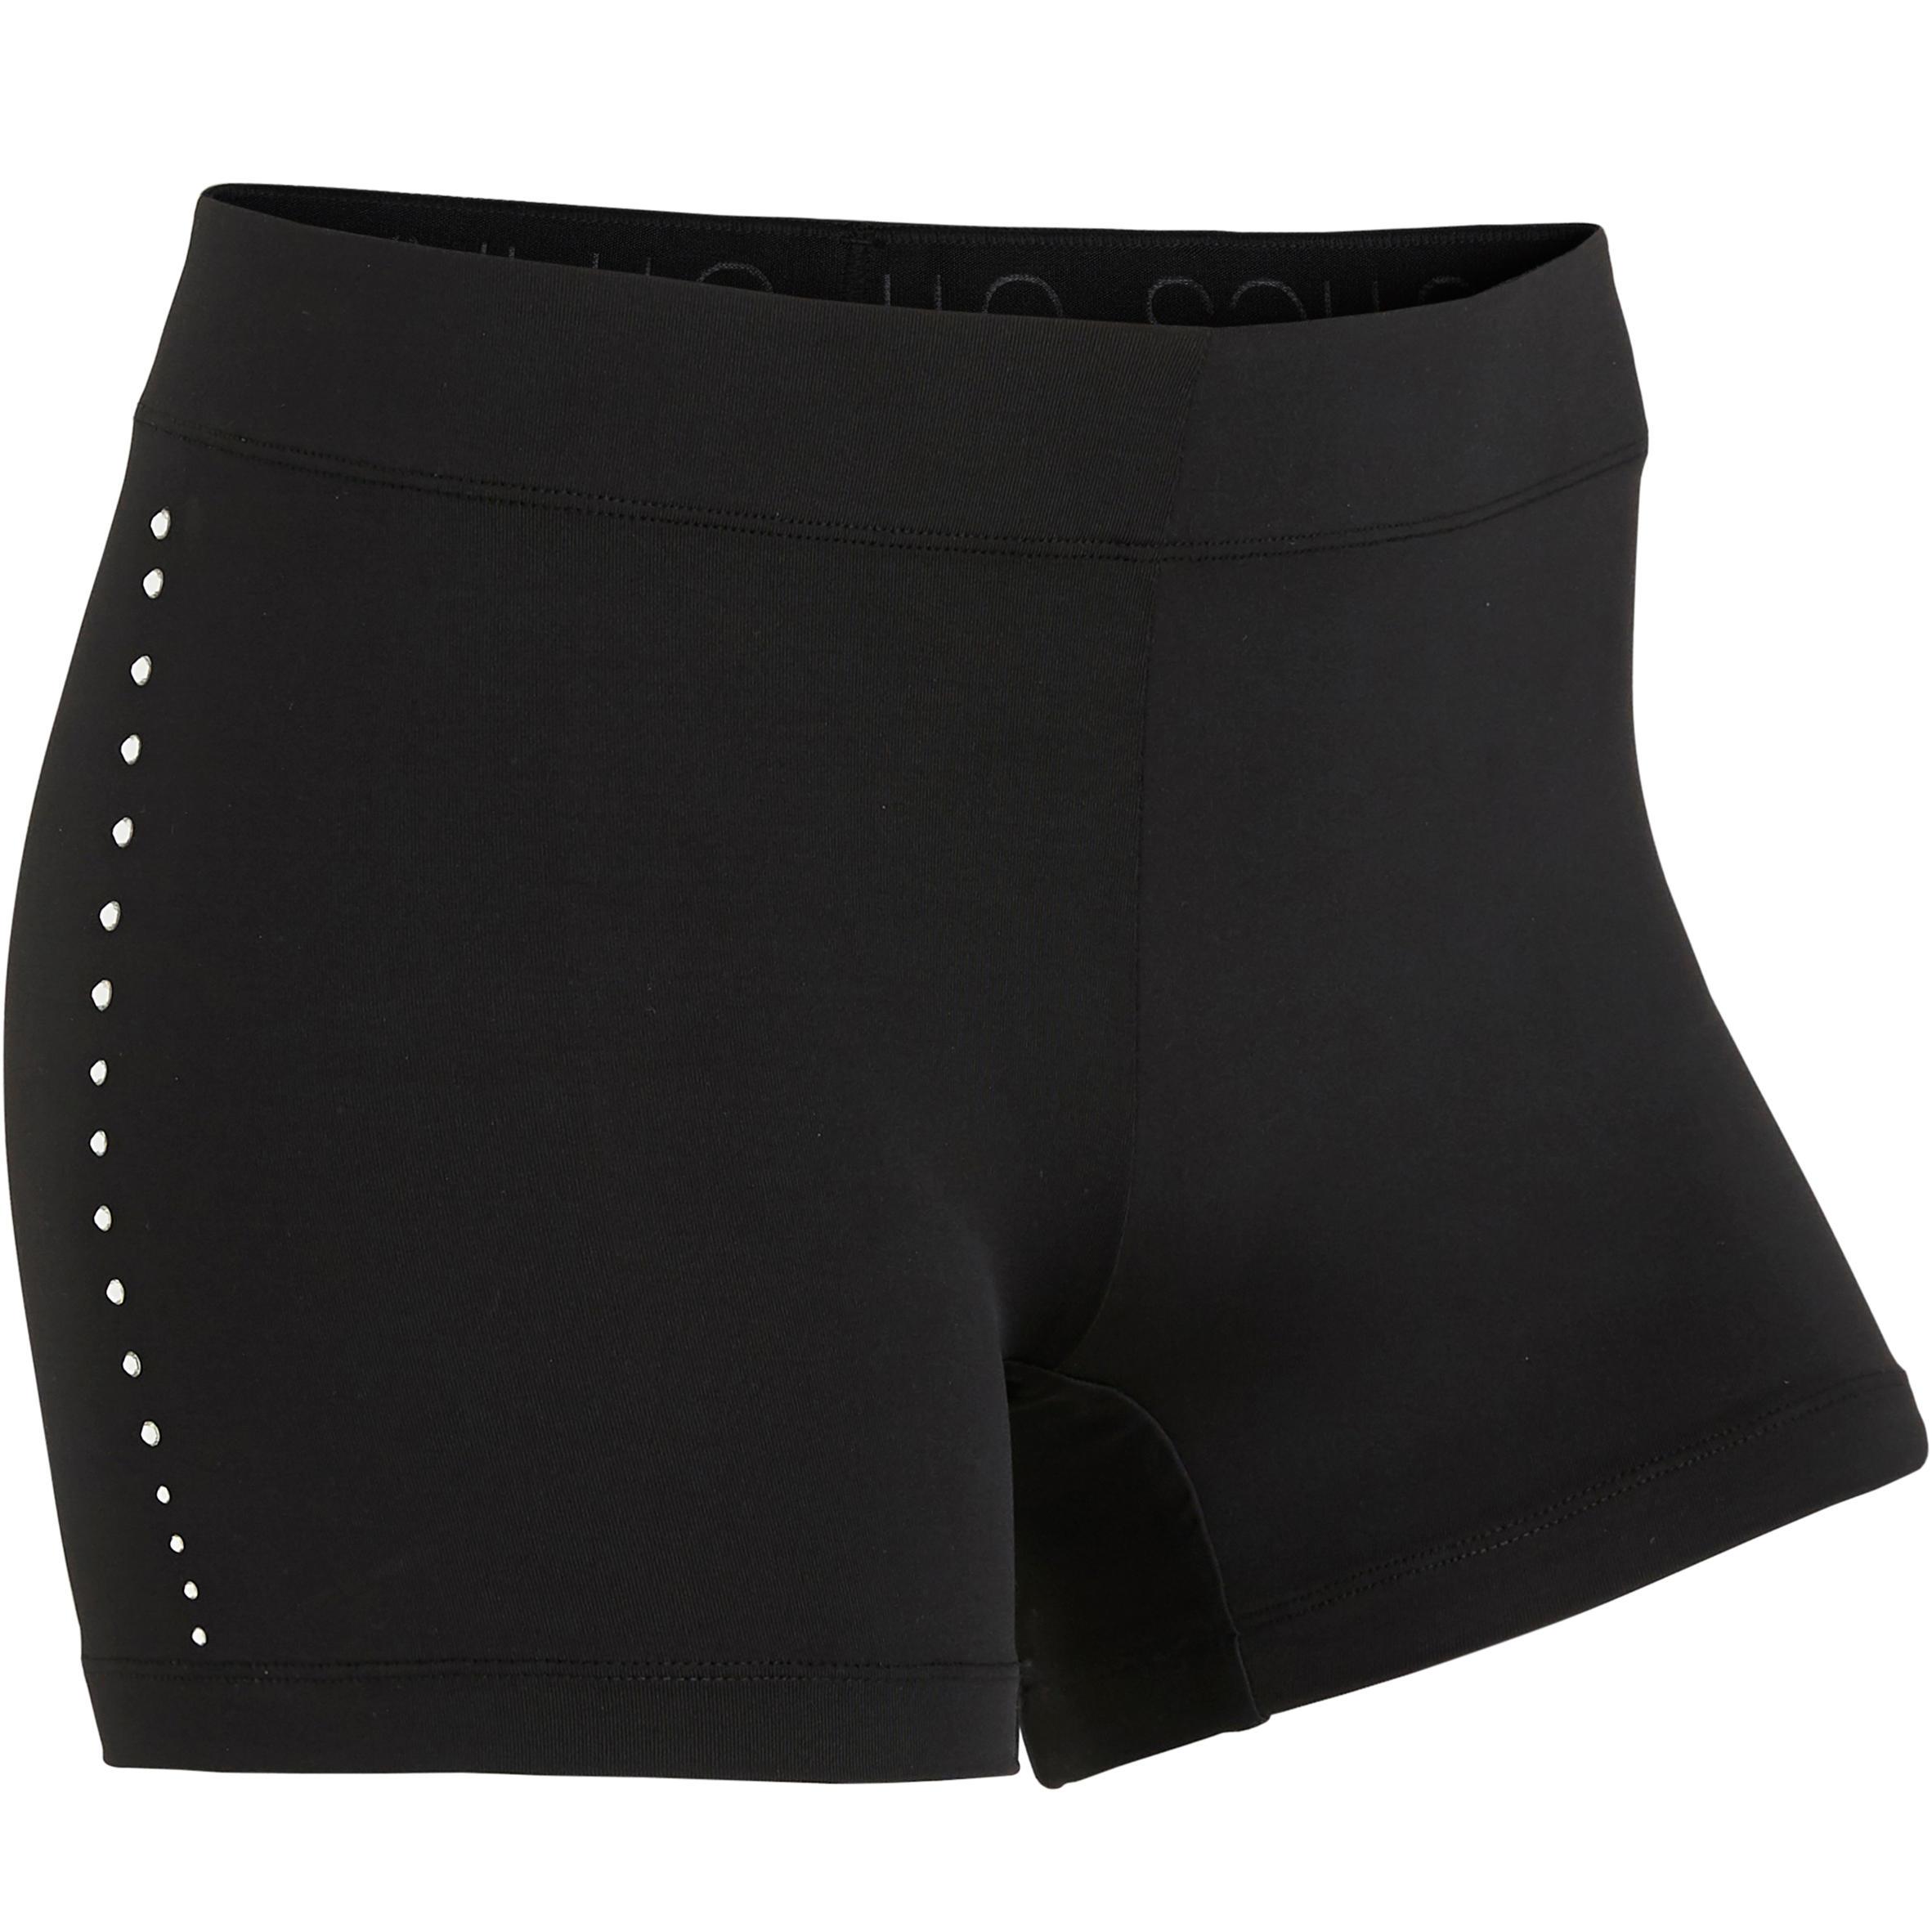 Domyos Short noir strass 900 Gymnastique Artistique Féminine - Domyos